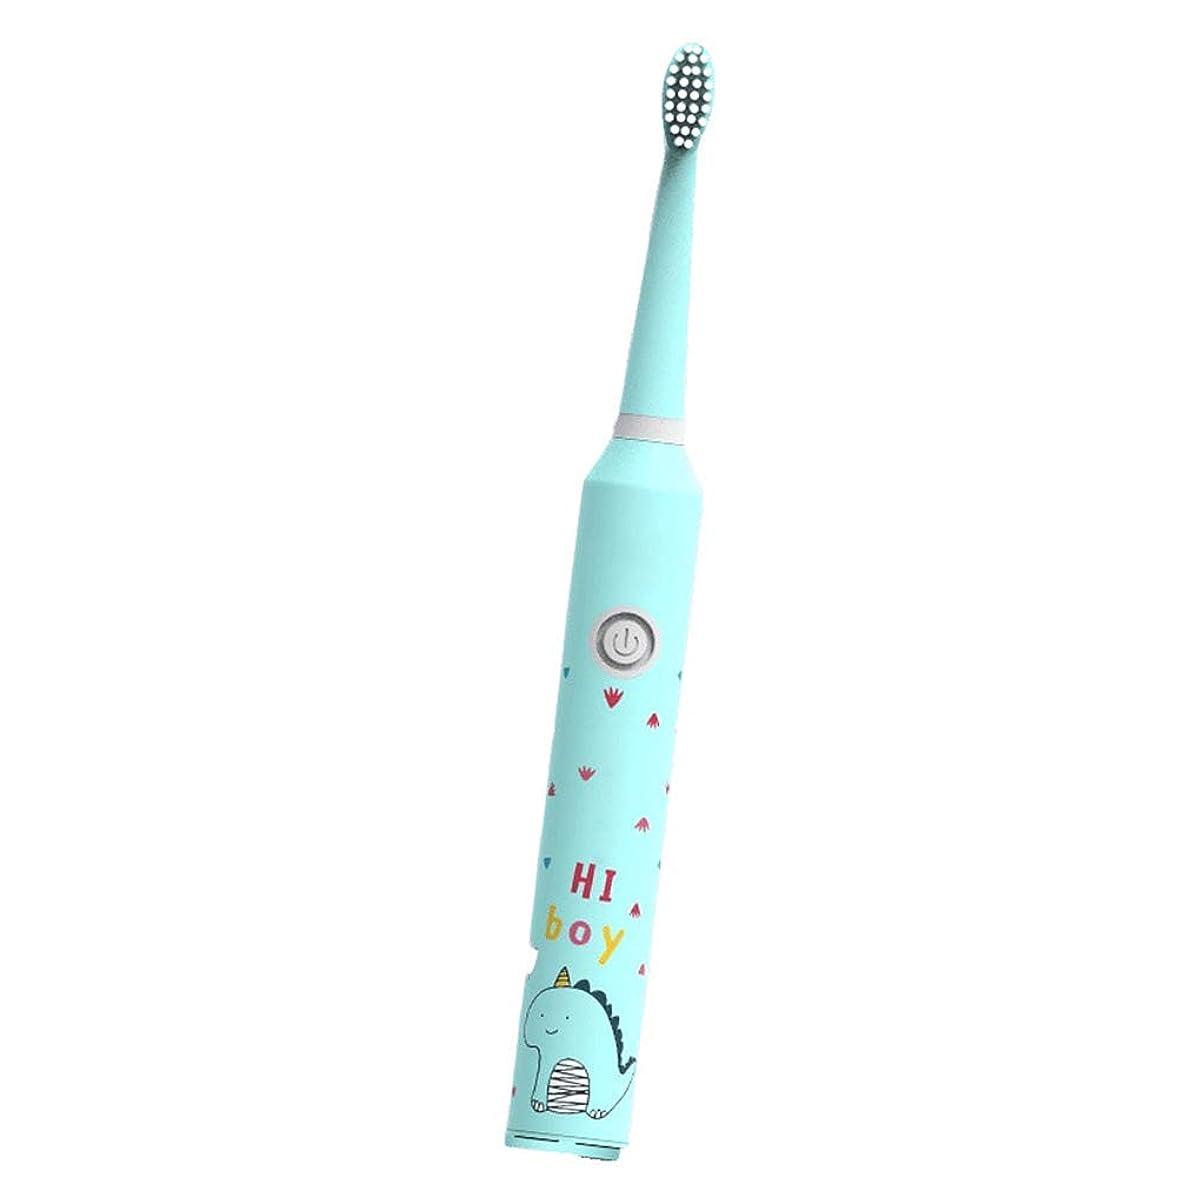 テクトニック誠実さ欲求不満歯ブラシの取り外しのための取り替えのブラシの頭部および歯を白くすることを用いる子供の電動歯ブラシ(子供の電子歯ブラシ)